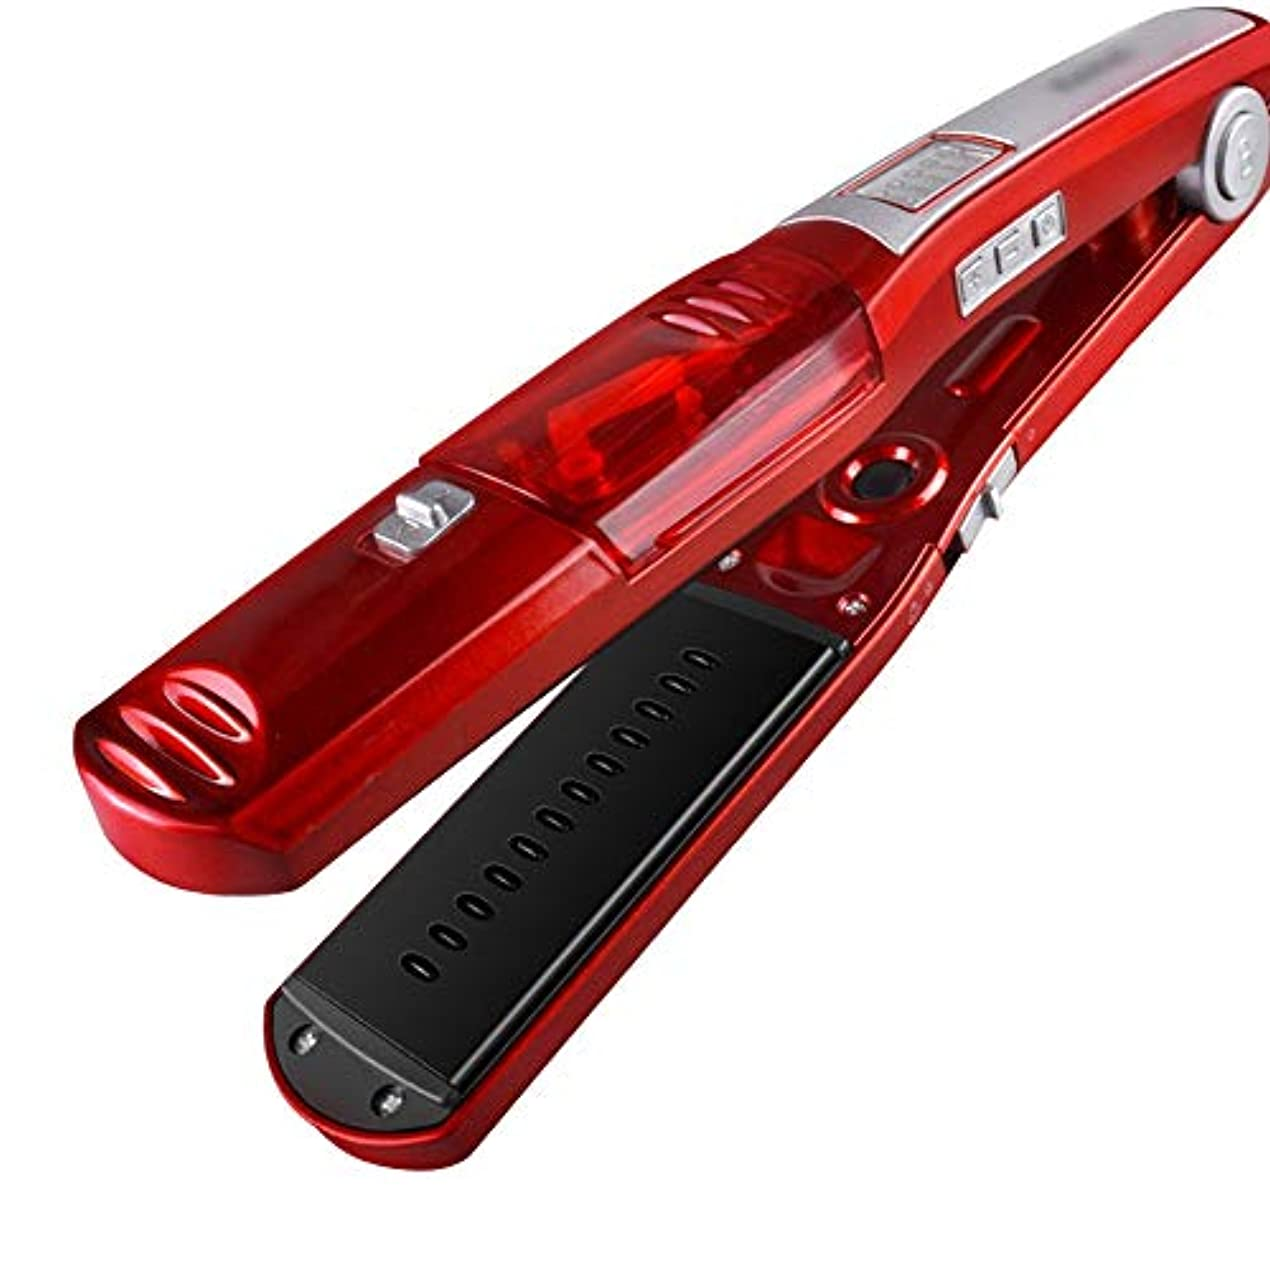 バース不可能な構造調節可能な温度の2つの1つの毛のストレートナそしてカーラー、陶磁器の版が付いている蒸気のストレートナ モデリングツール (色 : レッド)